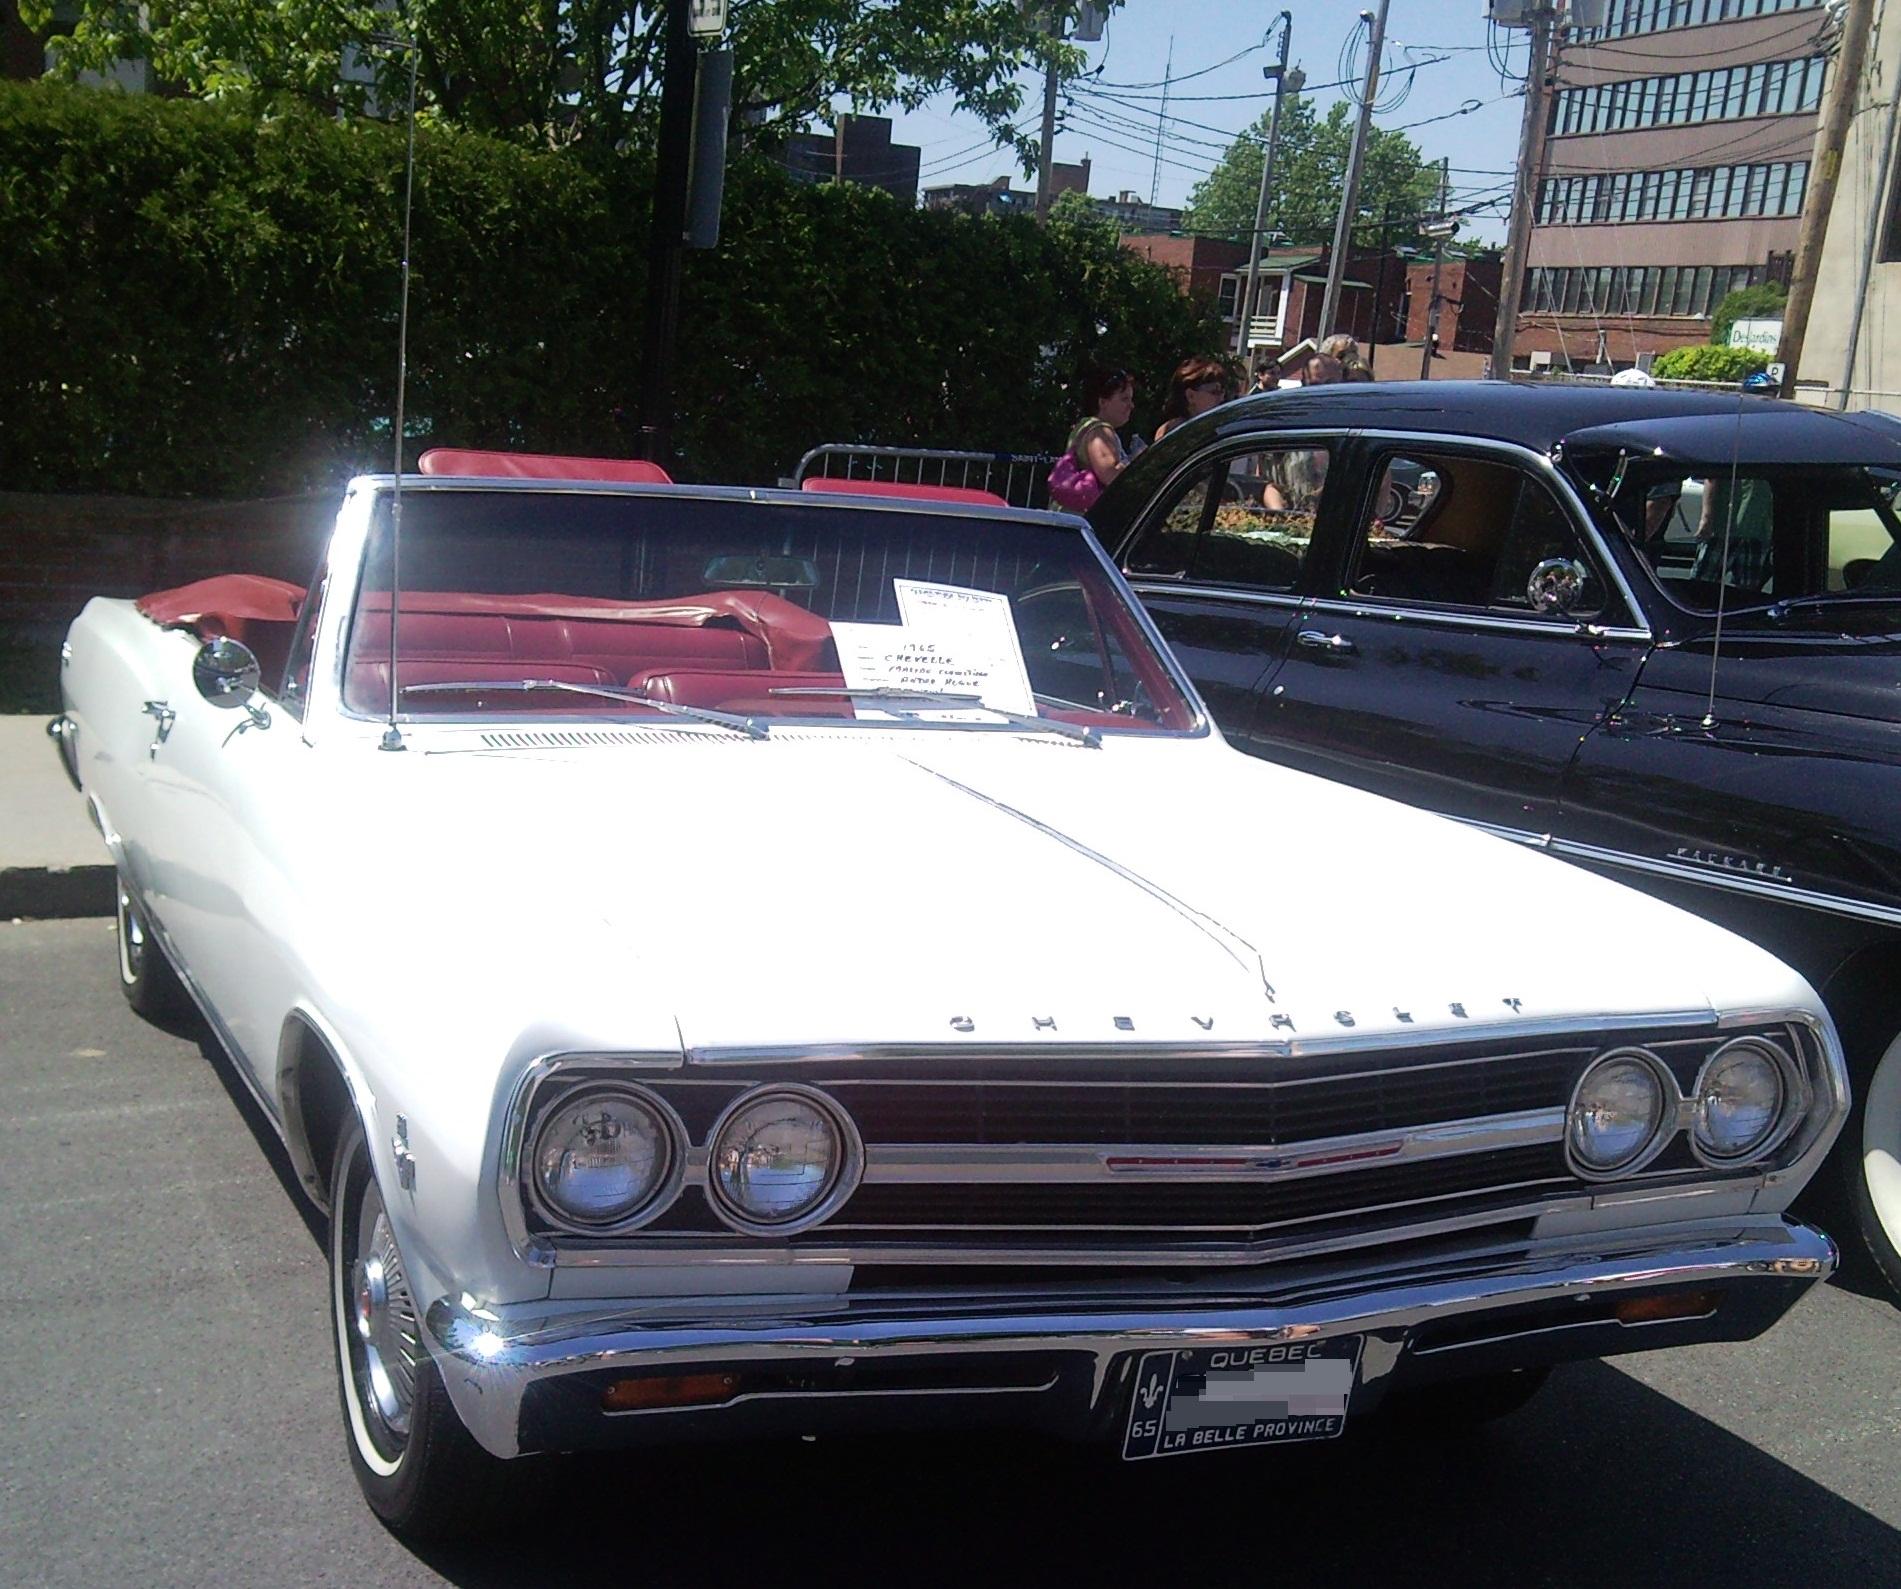 Chevrolet Chevelle Wiki Automobil Bildideen 1966 Malibu Ss File65 Convertible Auto Classique Vaq St